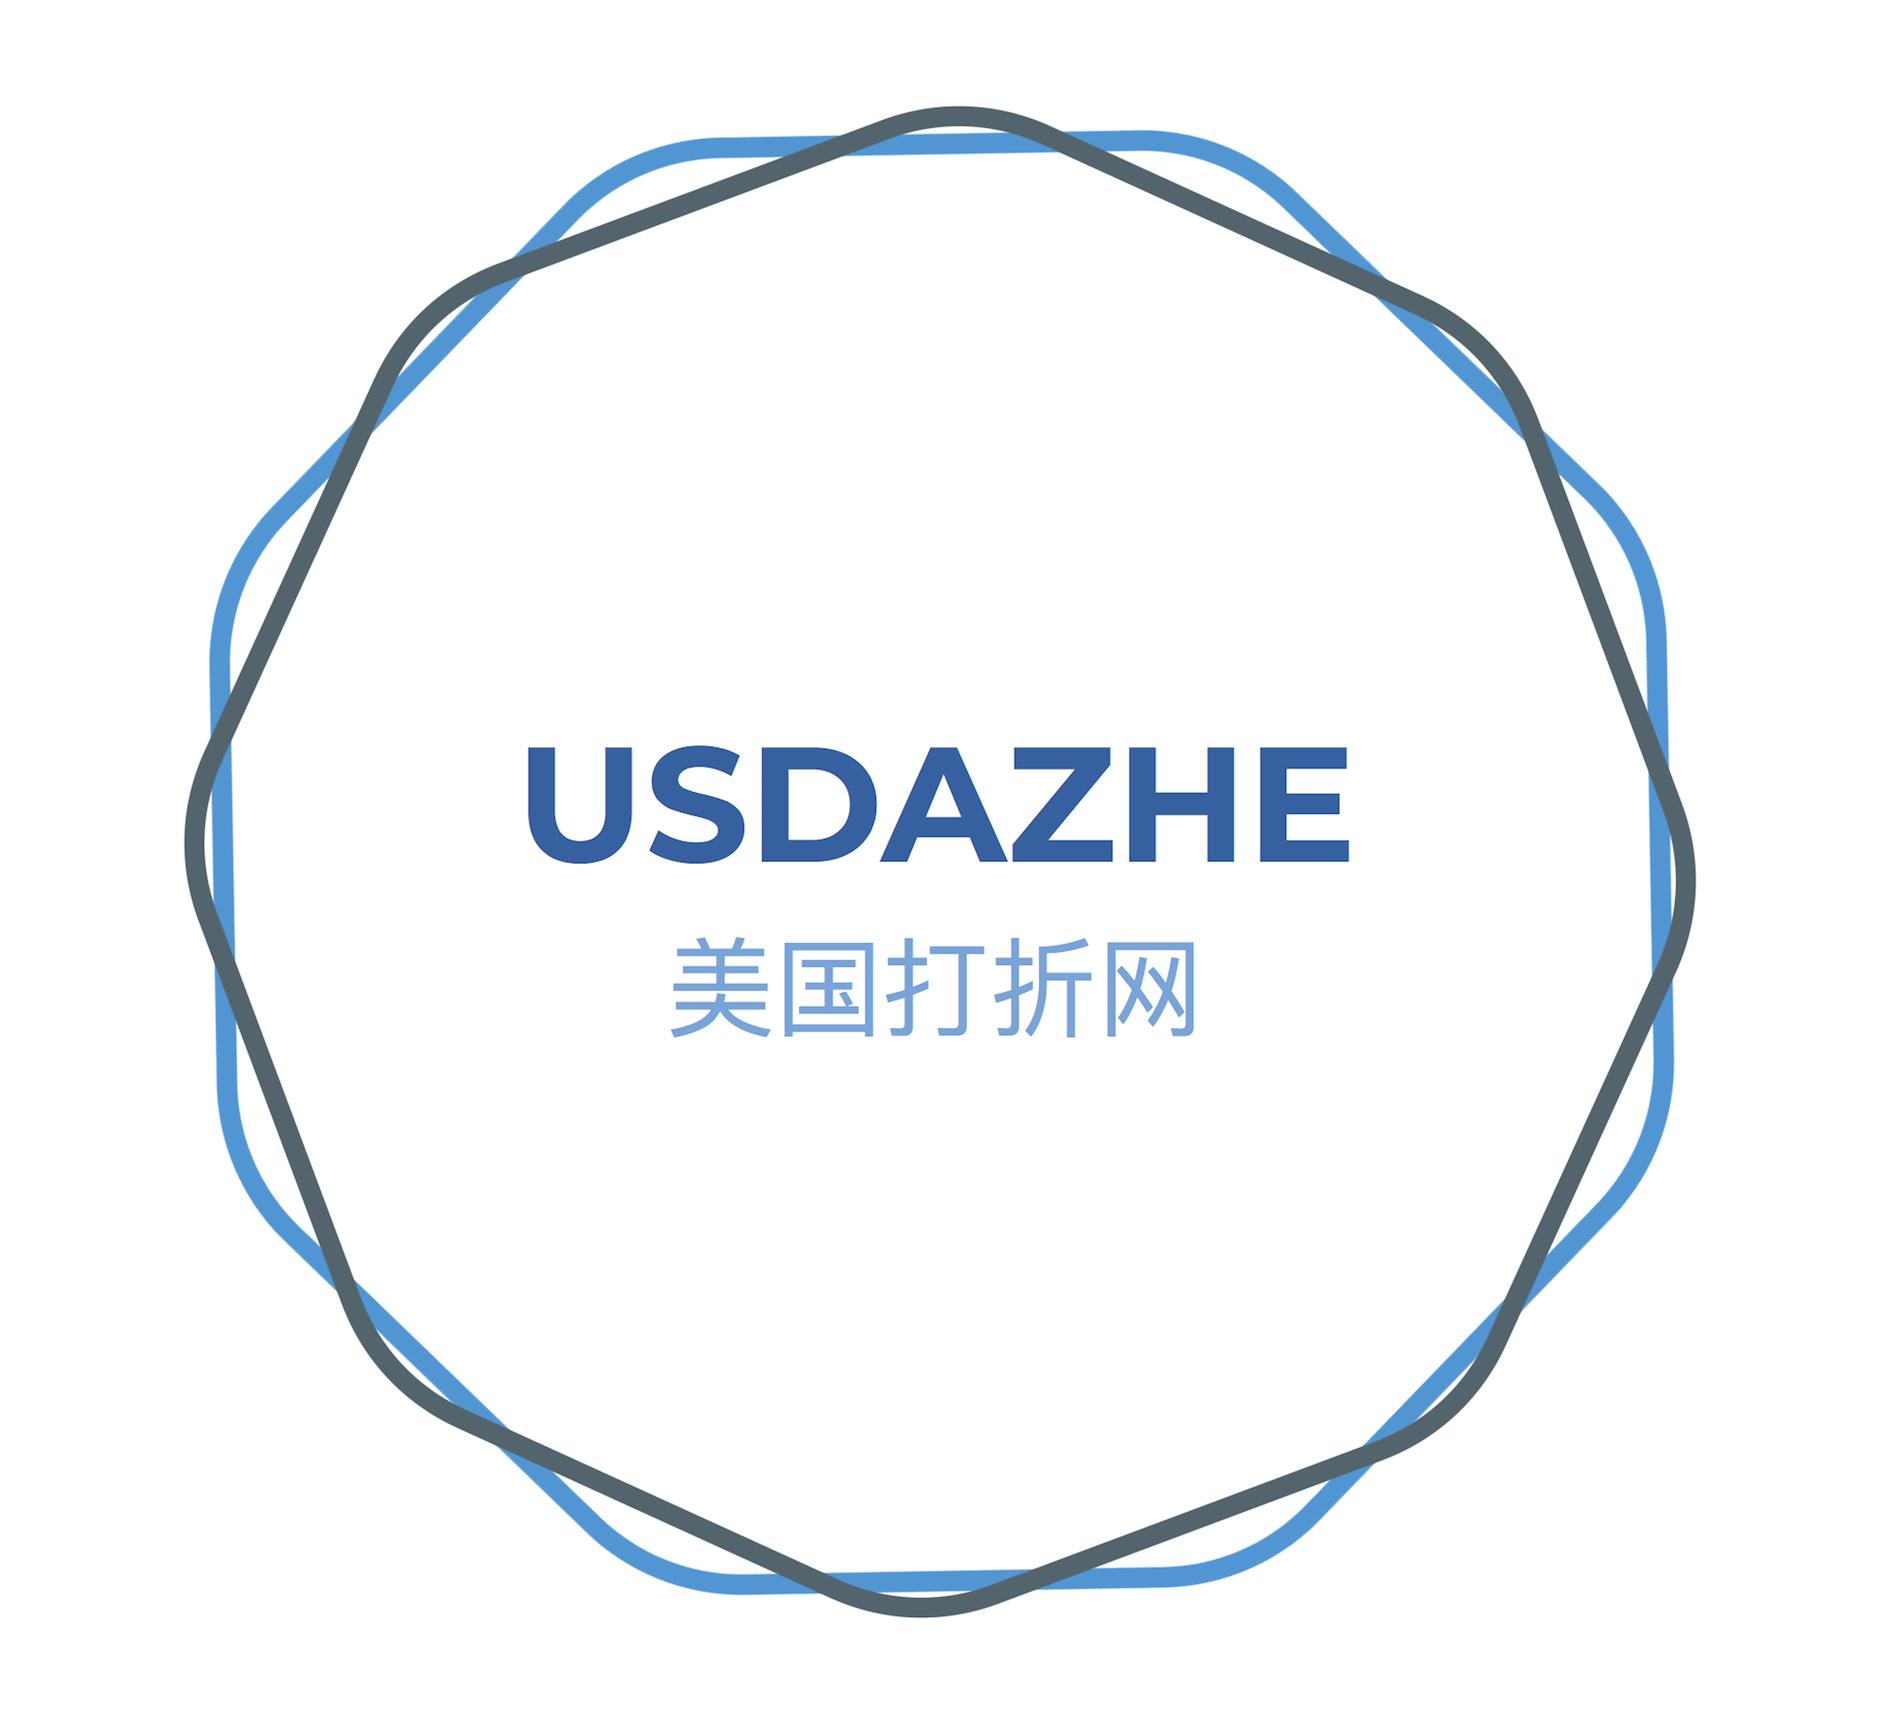 USDAZHE